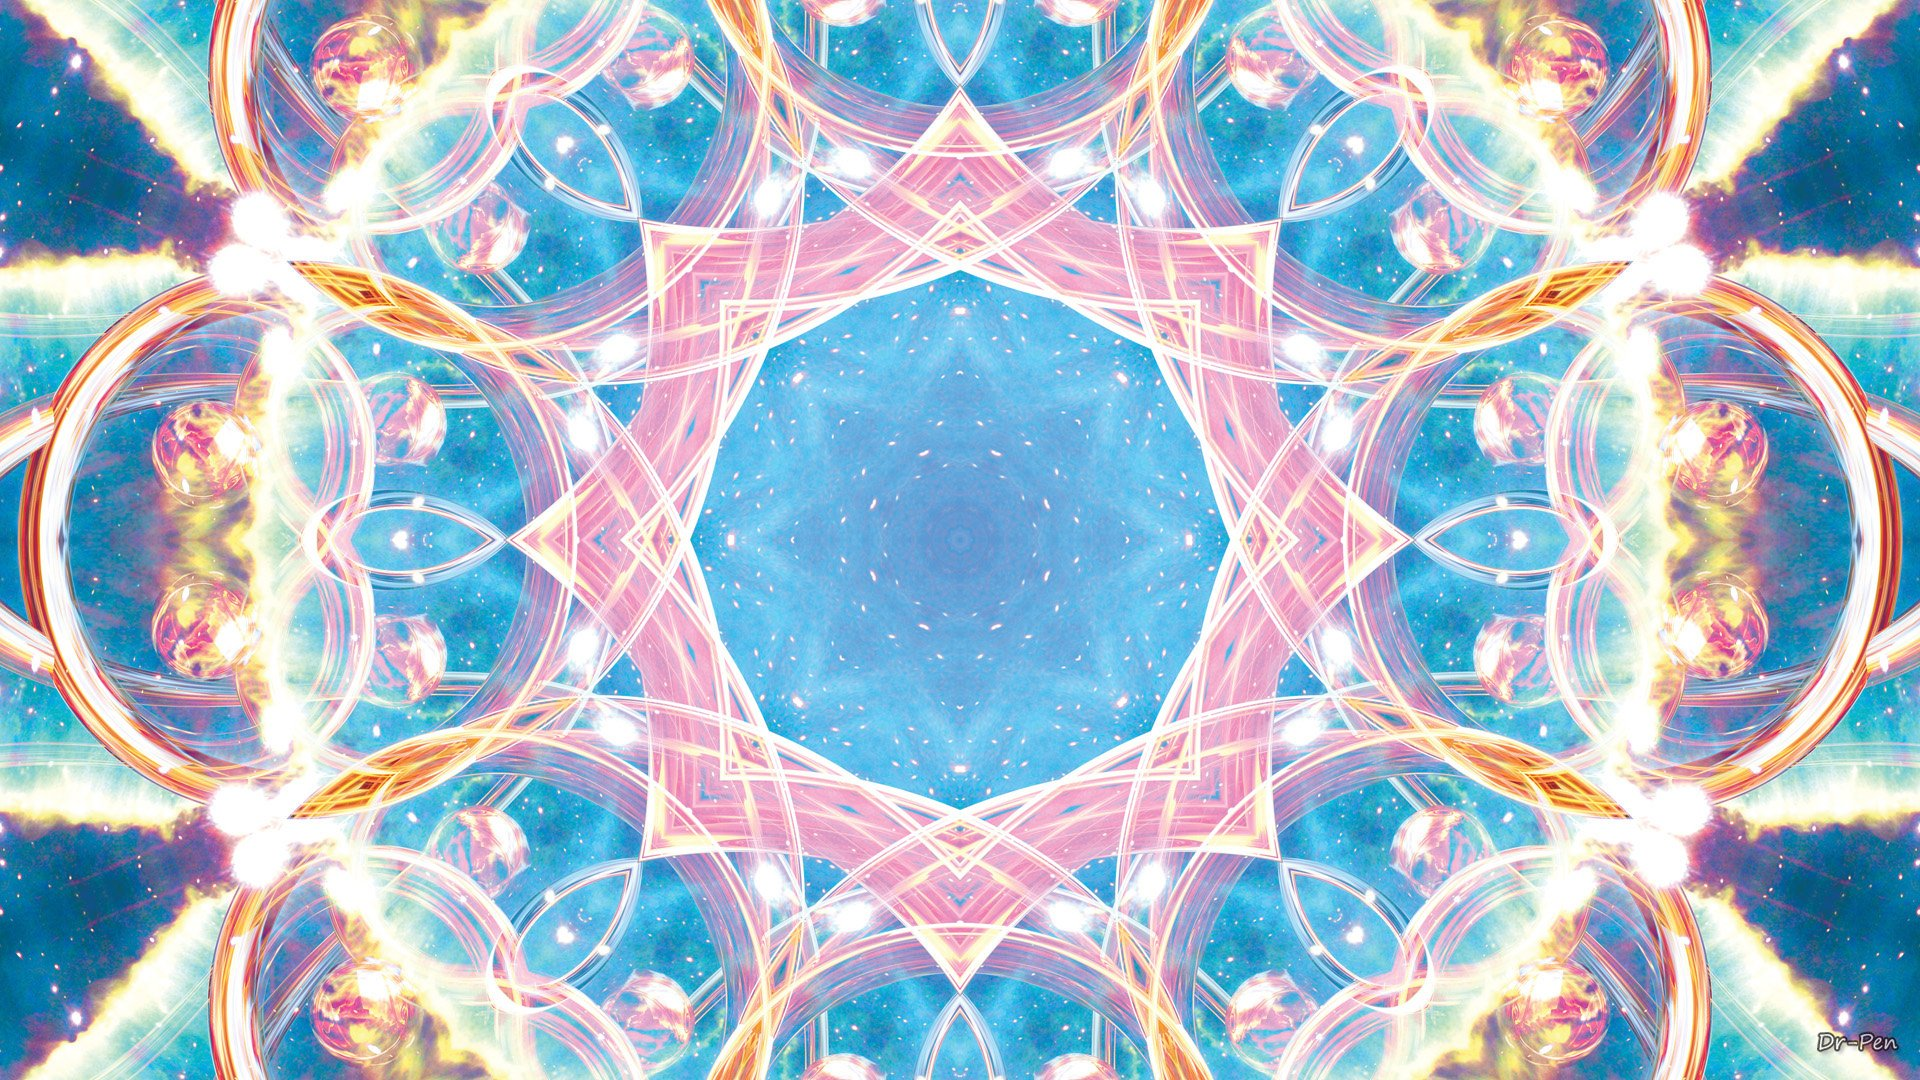 63 Mandala HD Wallpapers